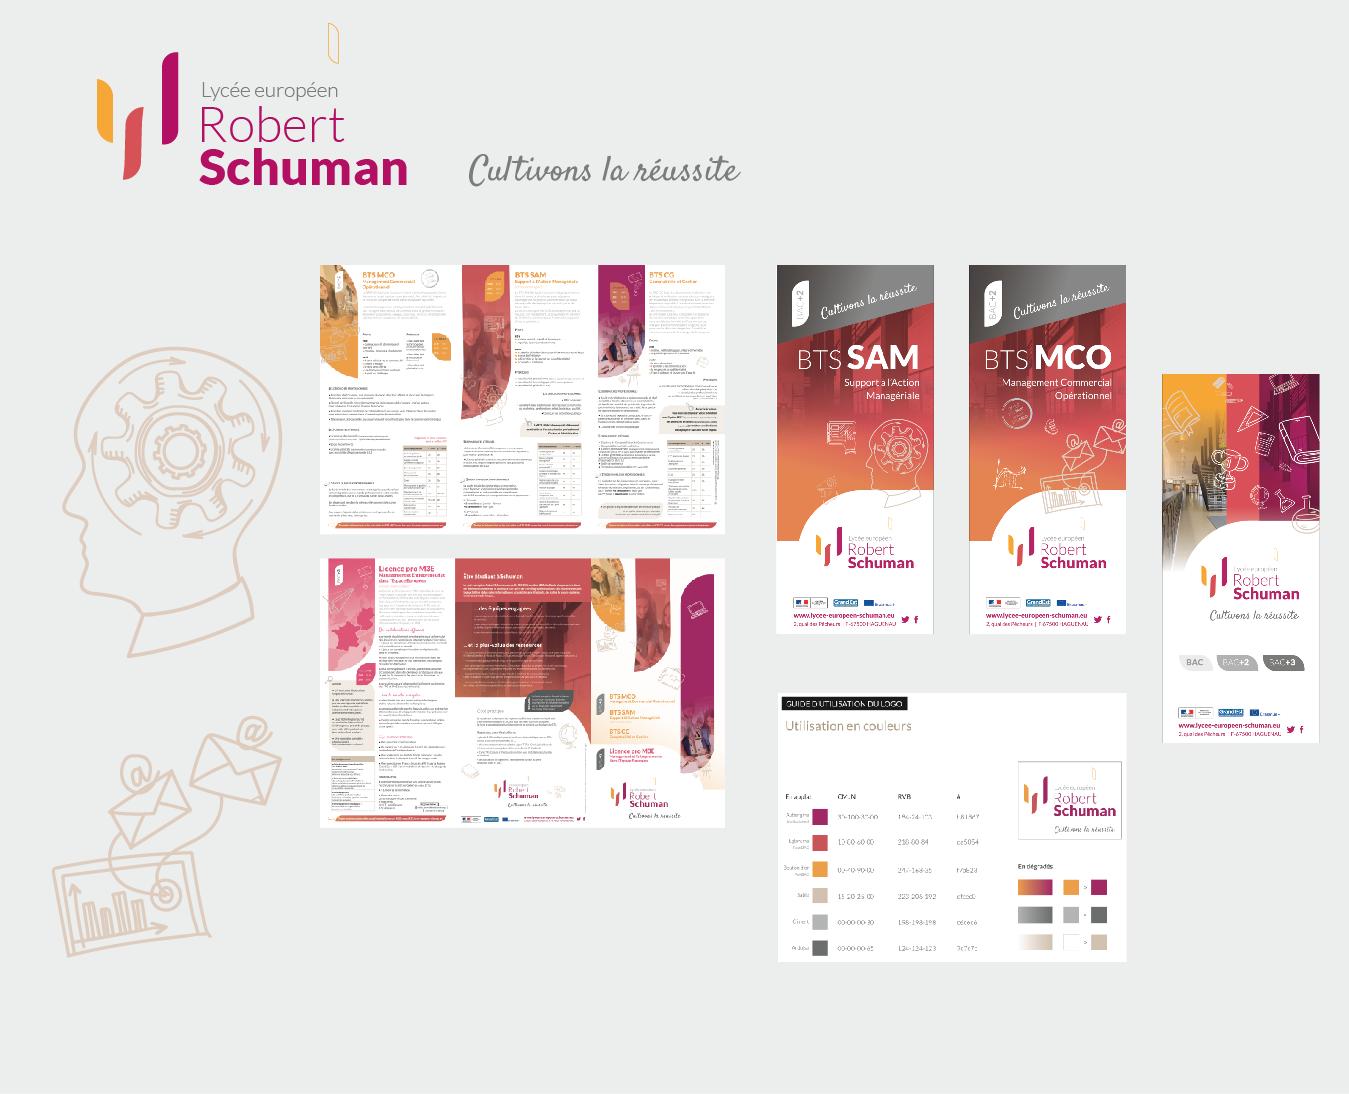 de nombreuses réalisations imprimées pour le Lycée Européen Robert Schuman : refonte du logotype, charte graphique, plaquette et programme de formation